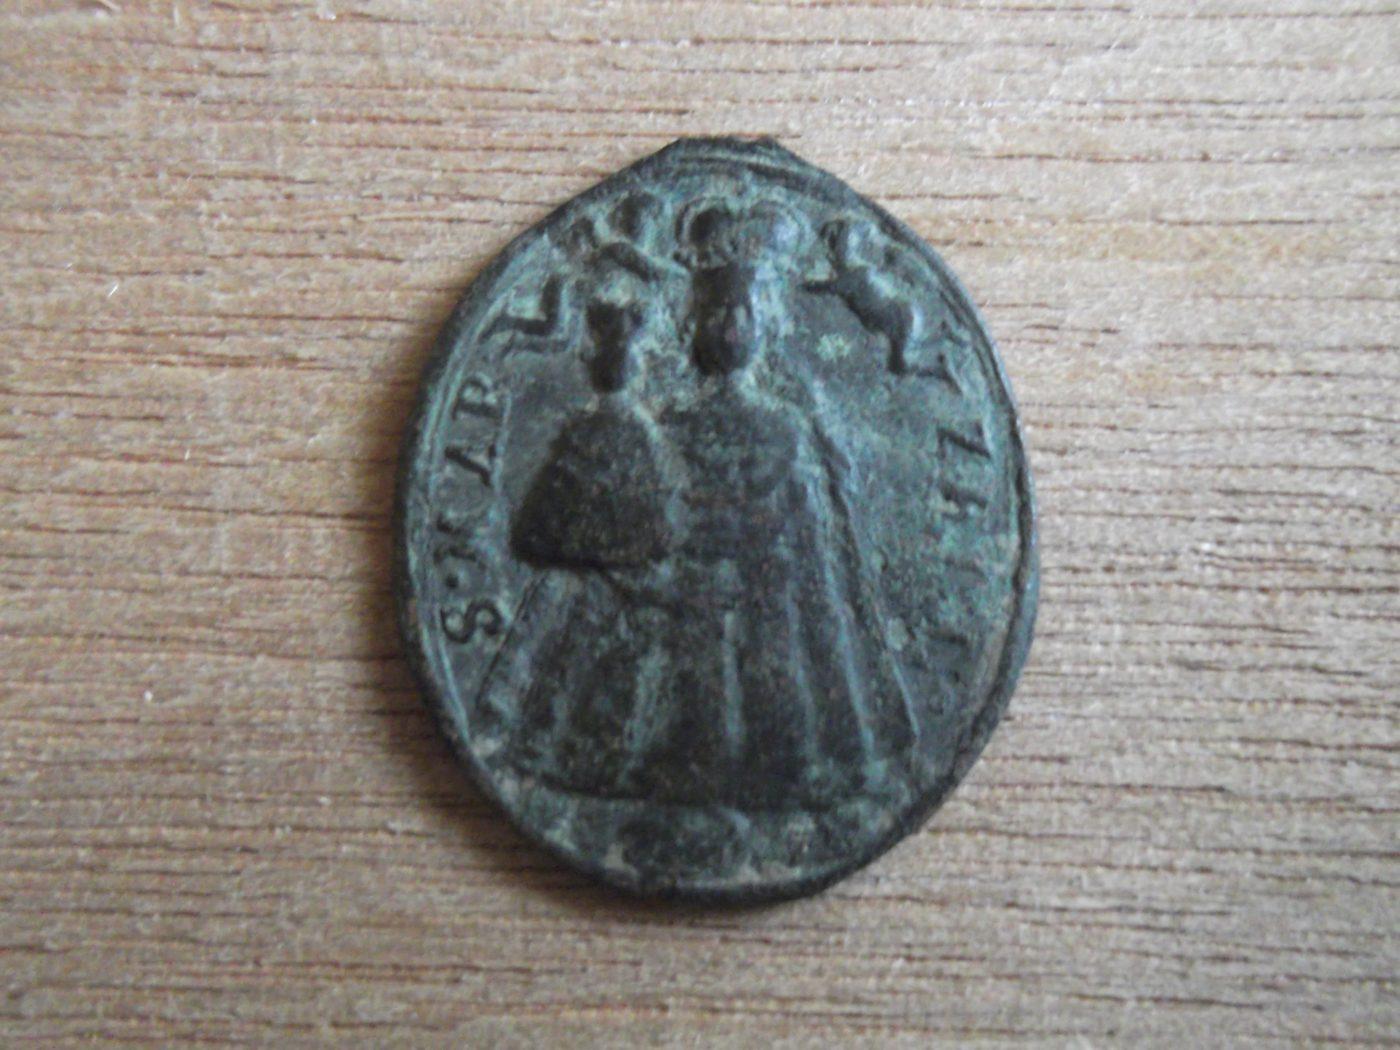 panna maria chat Chat následovat zahrádky panny marie  na keřích levandule či rozmarýnu prý panna maria sušila prádlo a od něho získaly svou krásnou vůni.